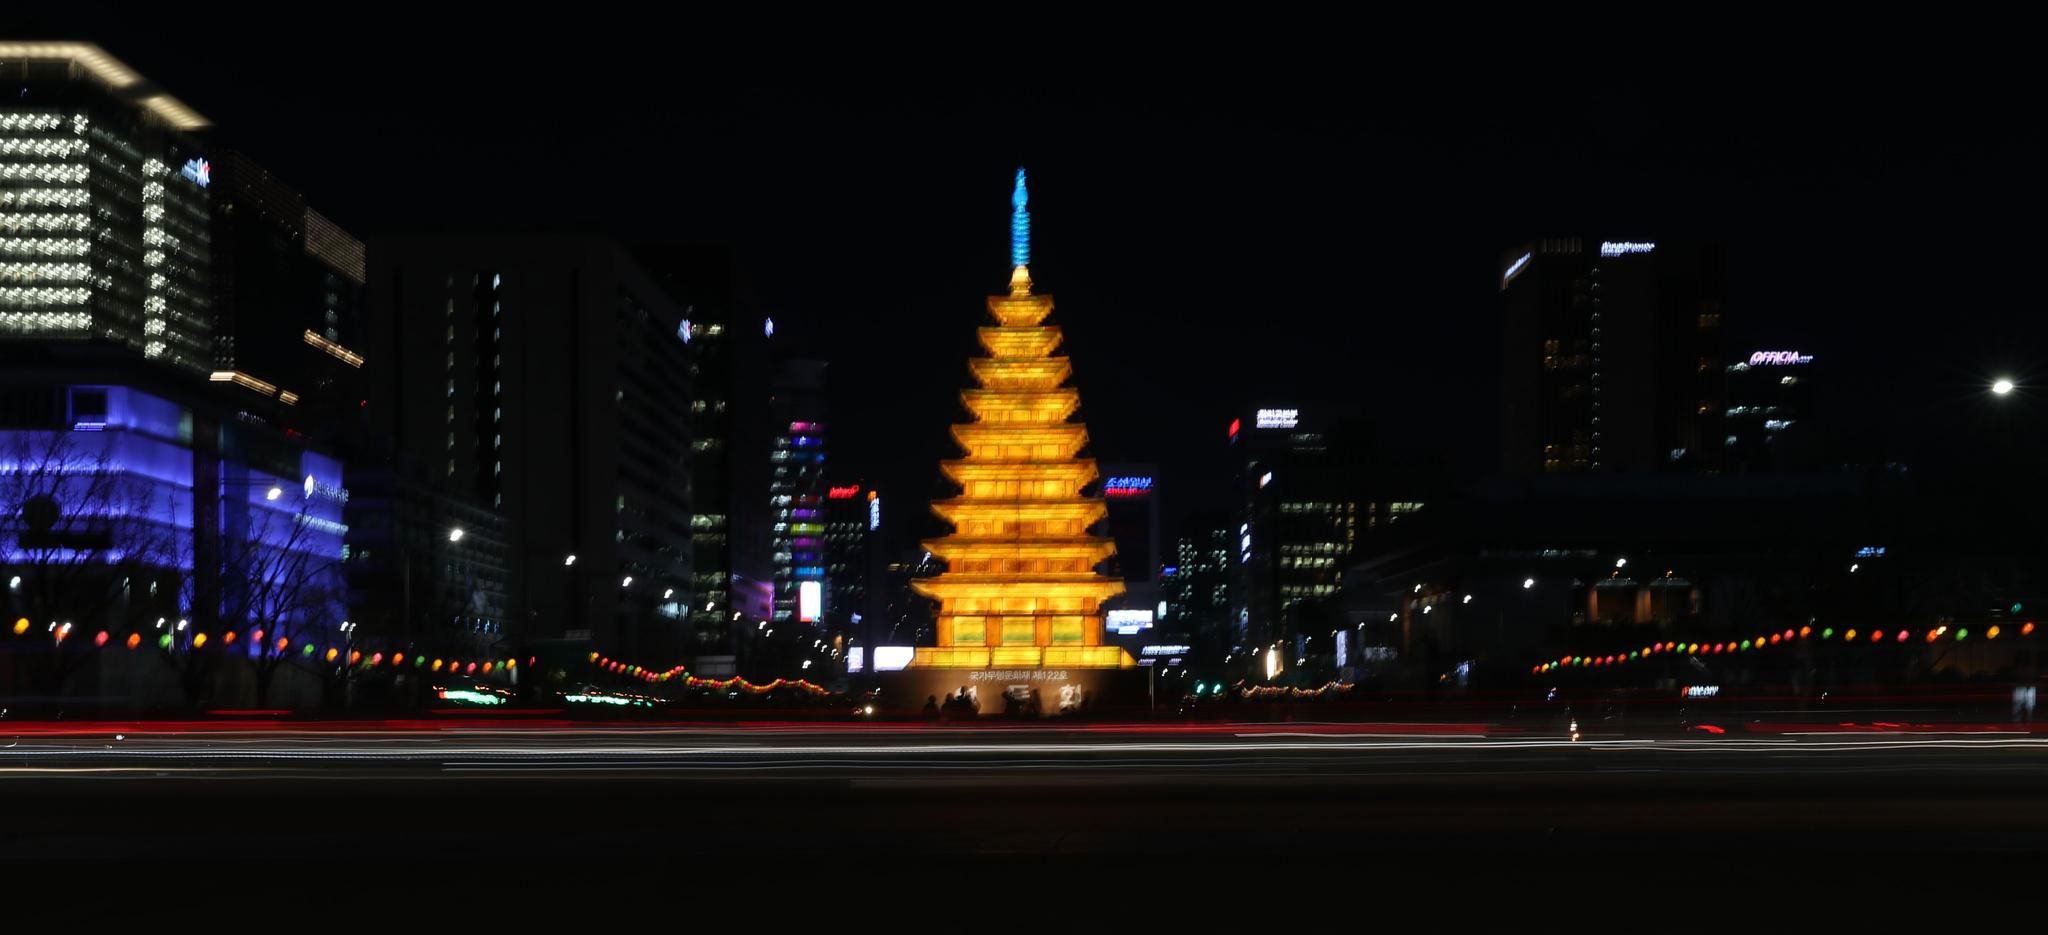 17일 오후 서울 광화문광장의 '미륵사지 탑등'이 점등식을 갖고 환하게 불을 밝히고 있다. 광화문광장 미륵사지 탑등은 부처님 오신날인 5월 12일까지 불을 밝힌다. 우상조 기자